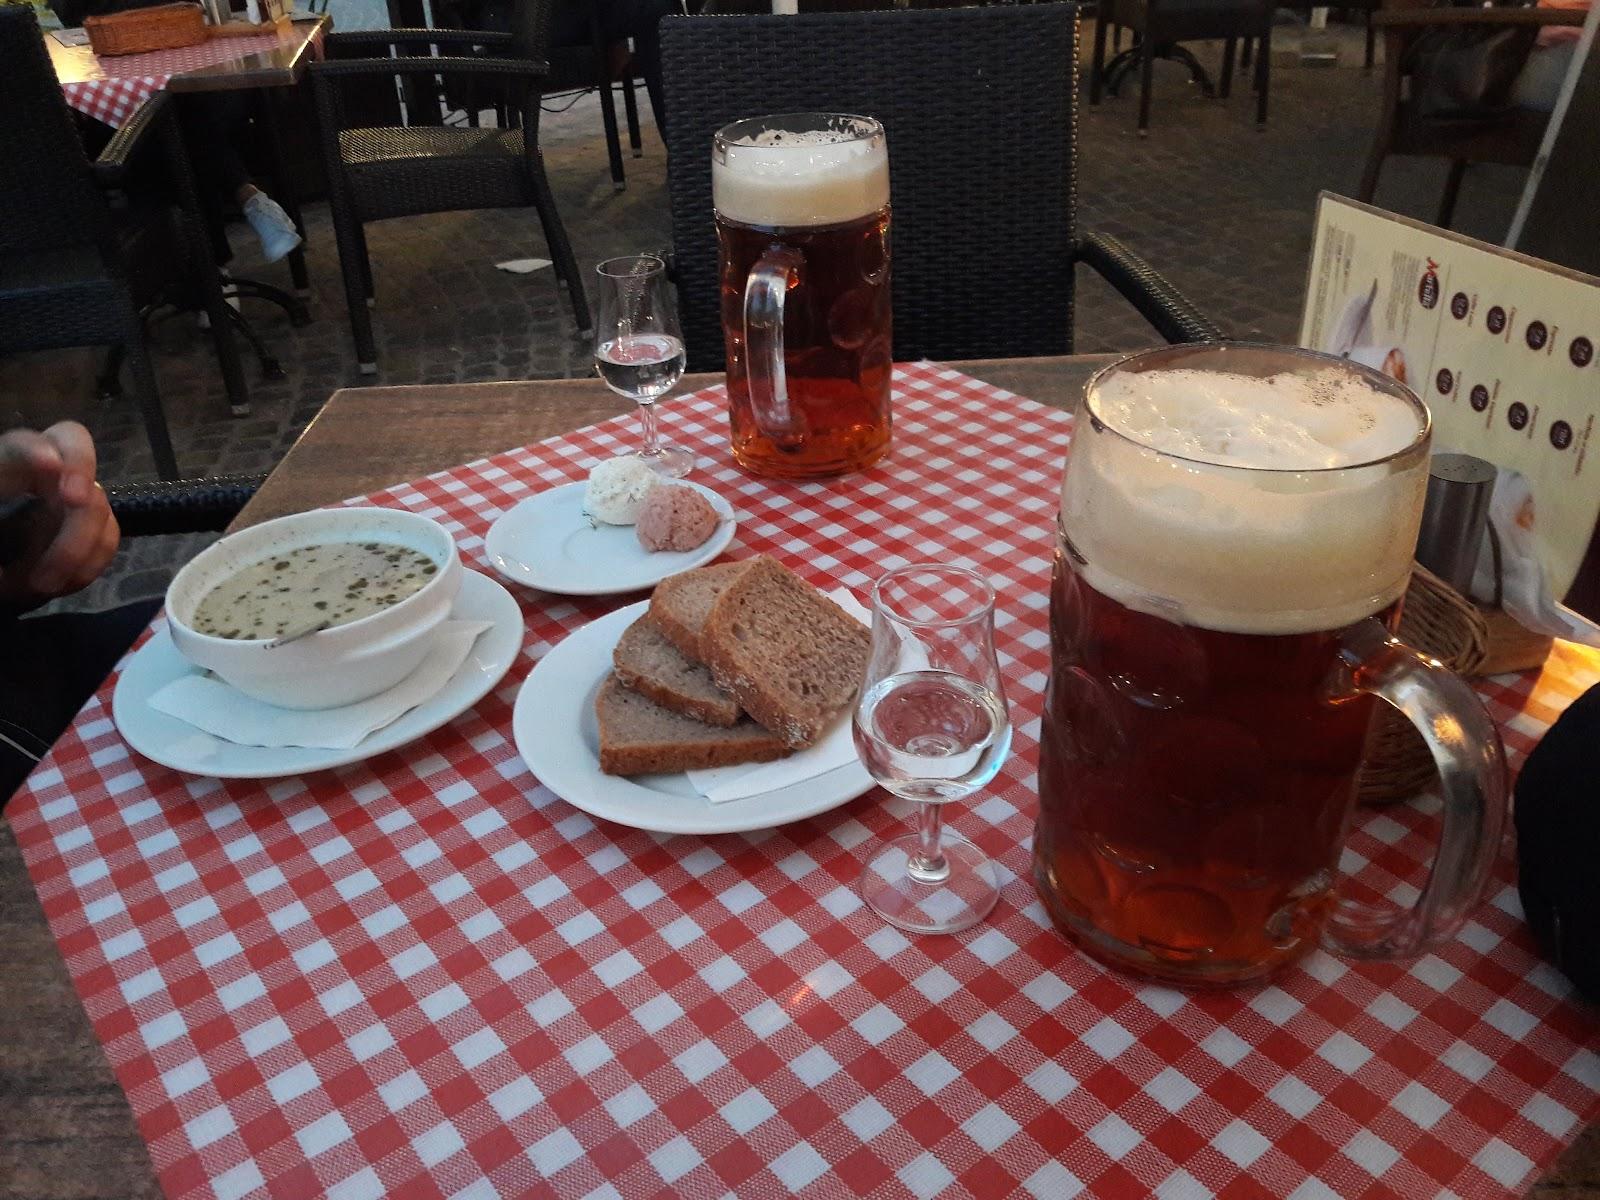 Večera vo Waršawe - Žurek, domáce pivo a domáca slivovica 72%